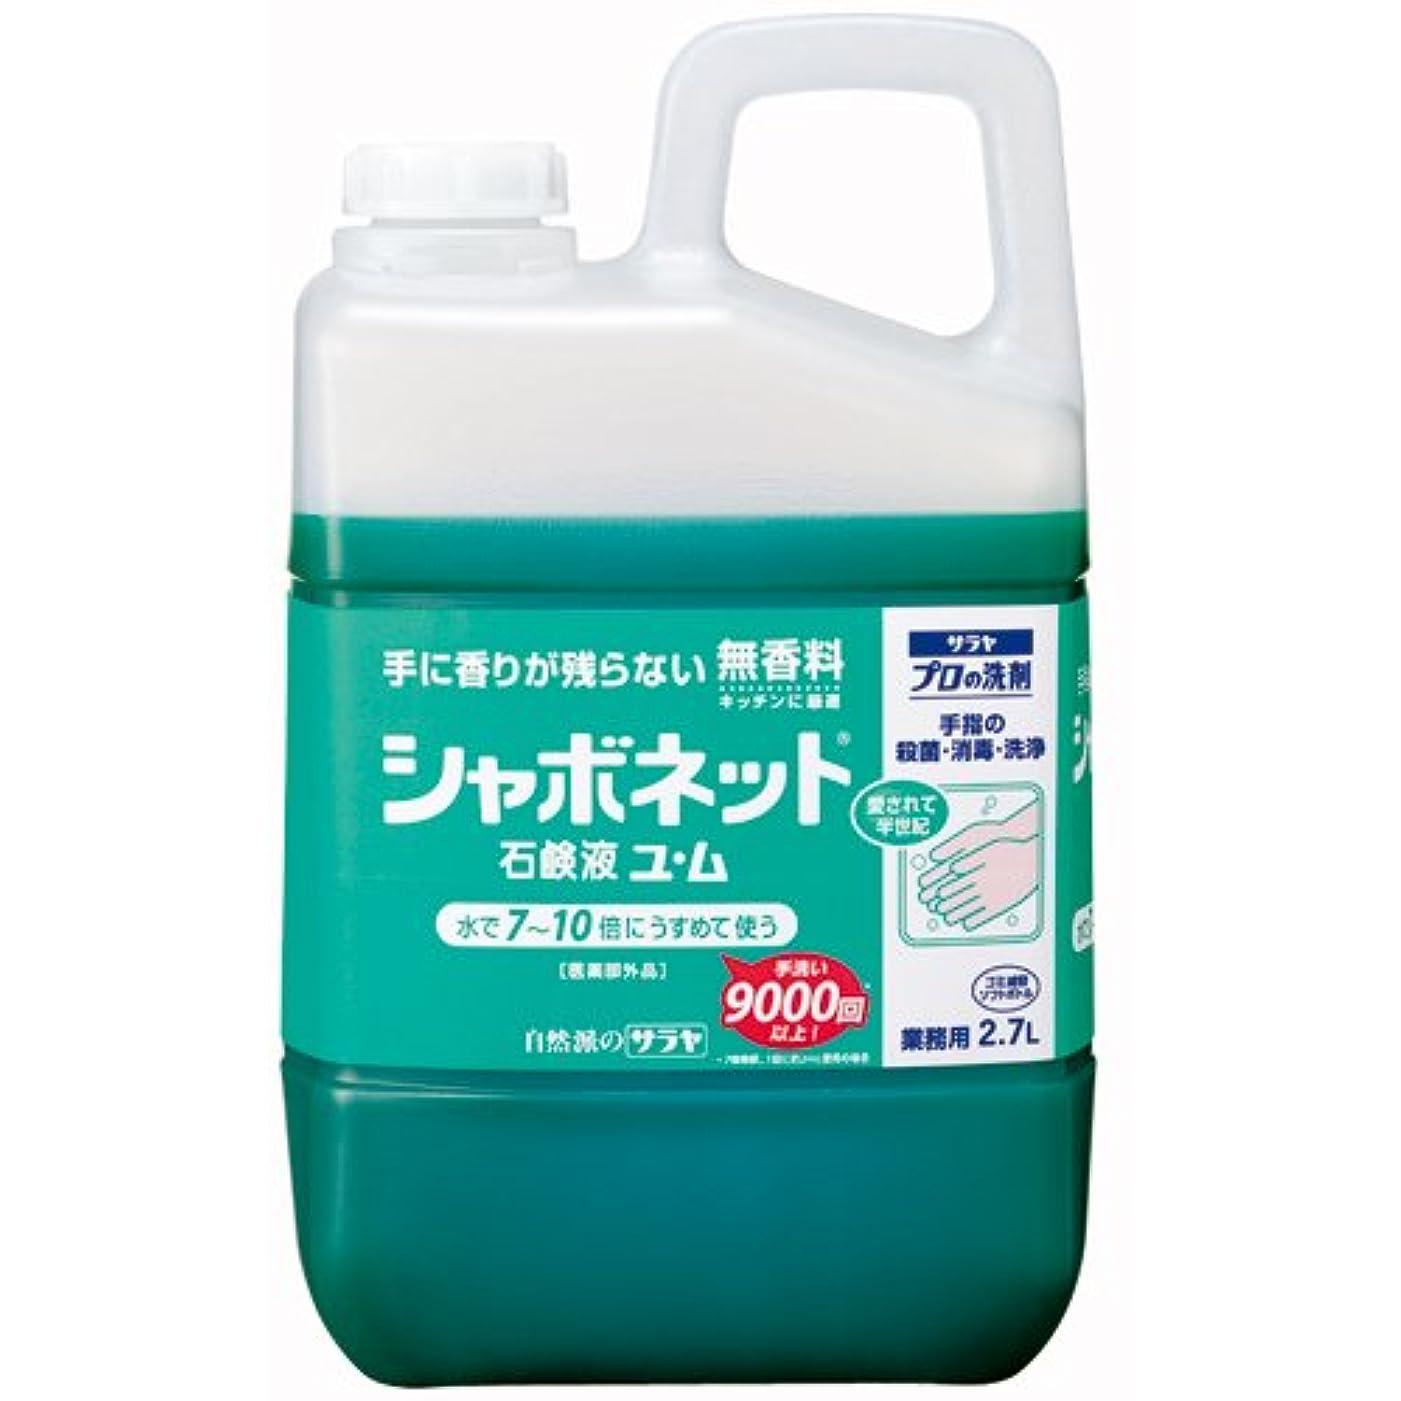 仕様前文専門用語サラヤ シャボネット石鹸液 ユ?ム 無香料 業務用 2.7L